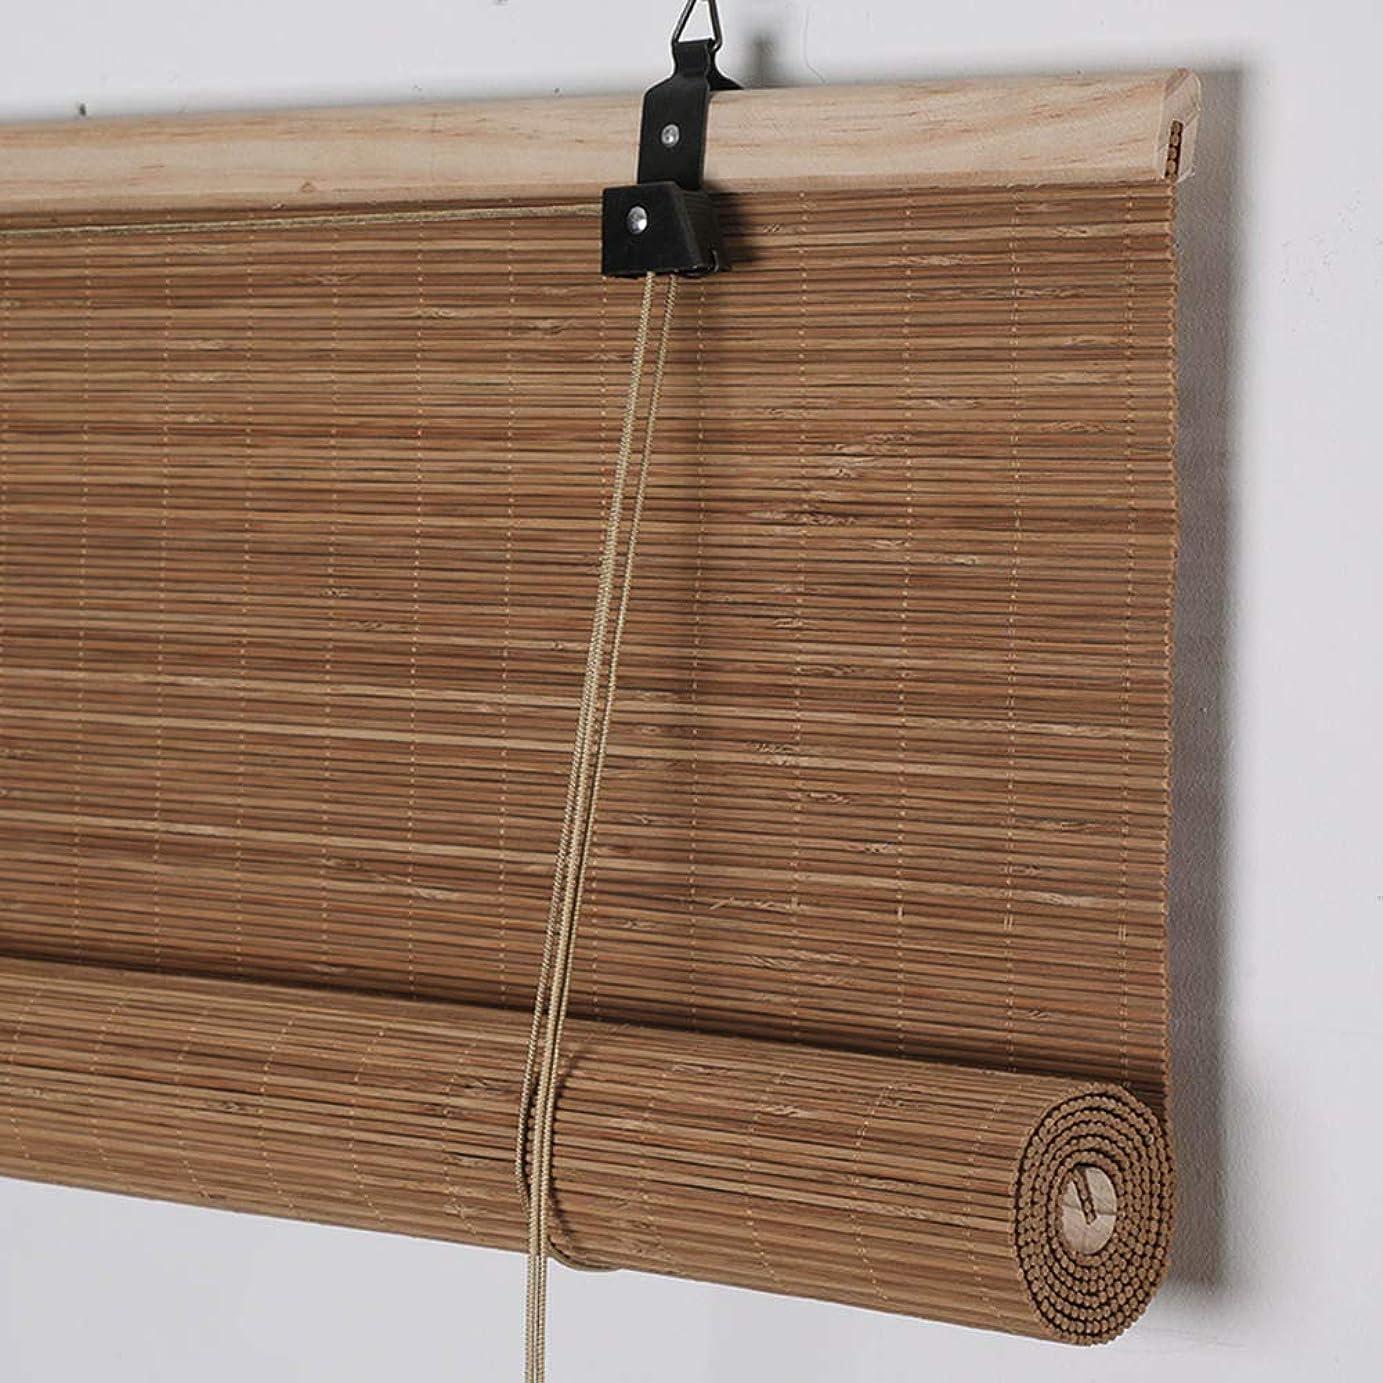 命令的四分円新聞遮光リフトブラインド - パーティション/装飾竹ベネチアンブラインド|ビスタプリント 複数の色とサイズ